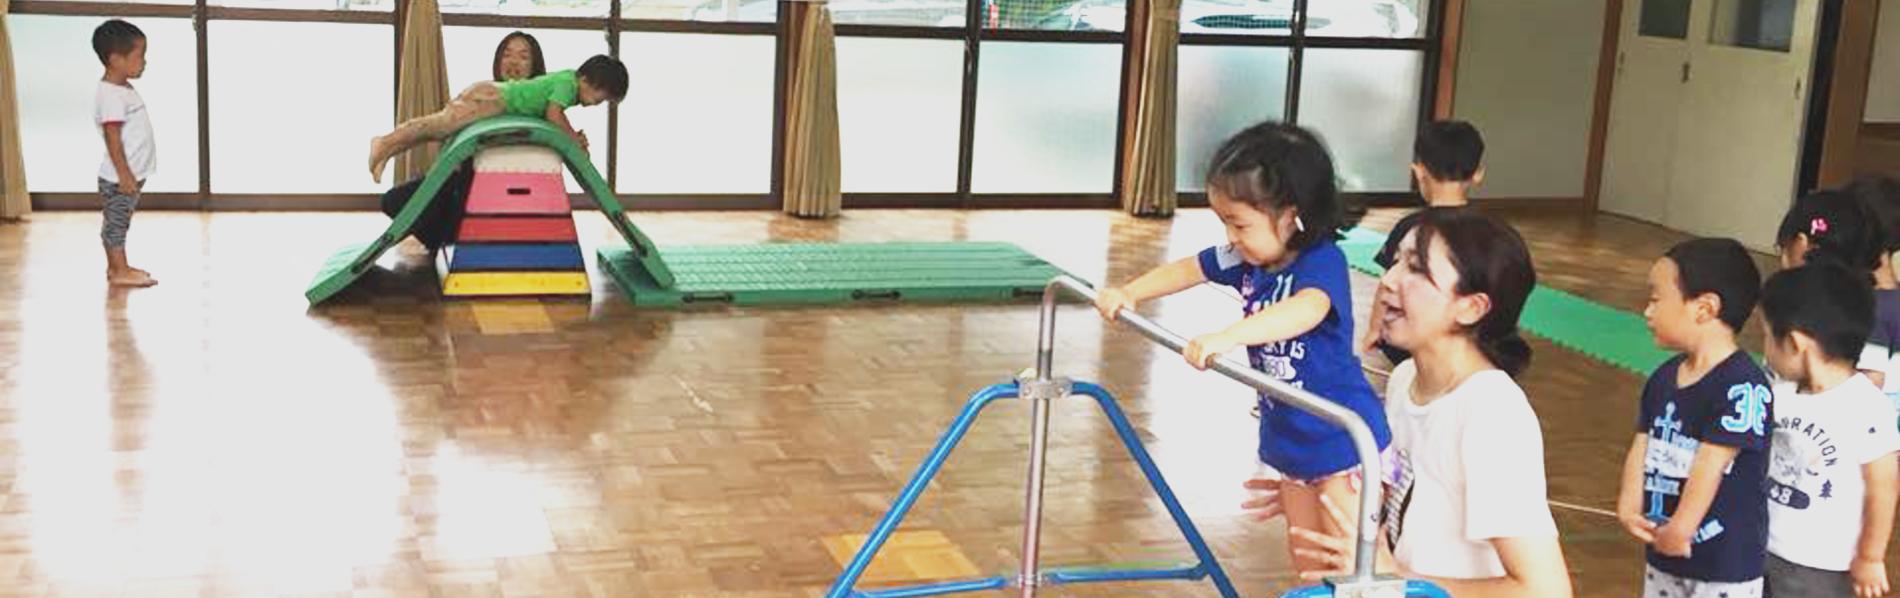 幼児体操教室 じゃんぷキッズ